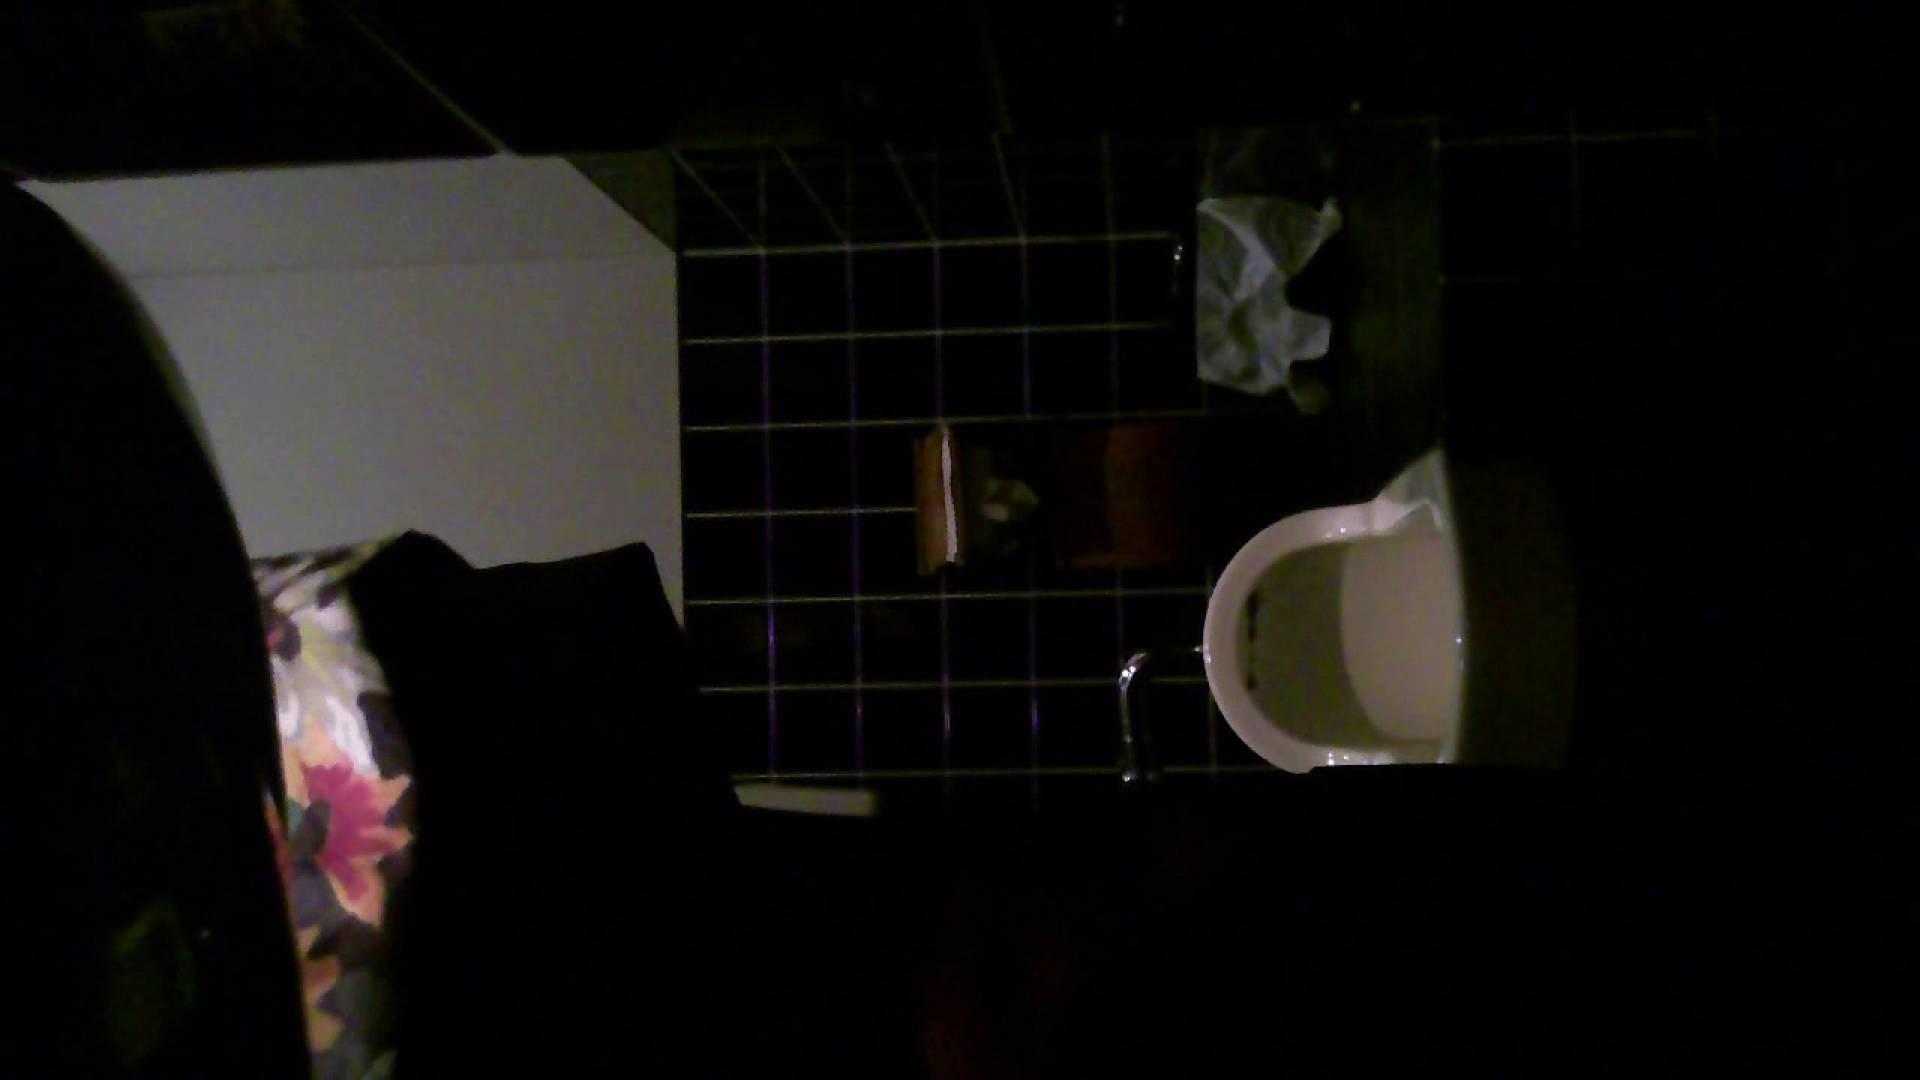 美女の集まる飲み屋洗面所 vol.04 パイパン すけべAV動画紹介 52PICs 47